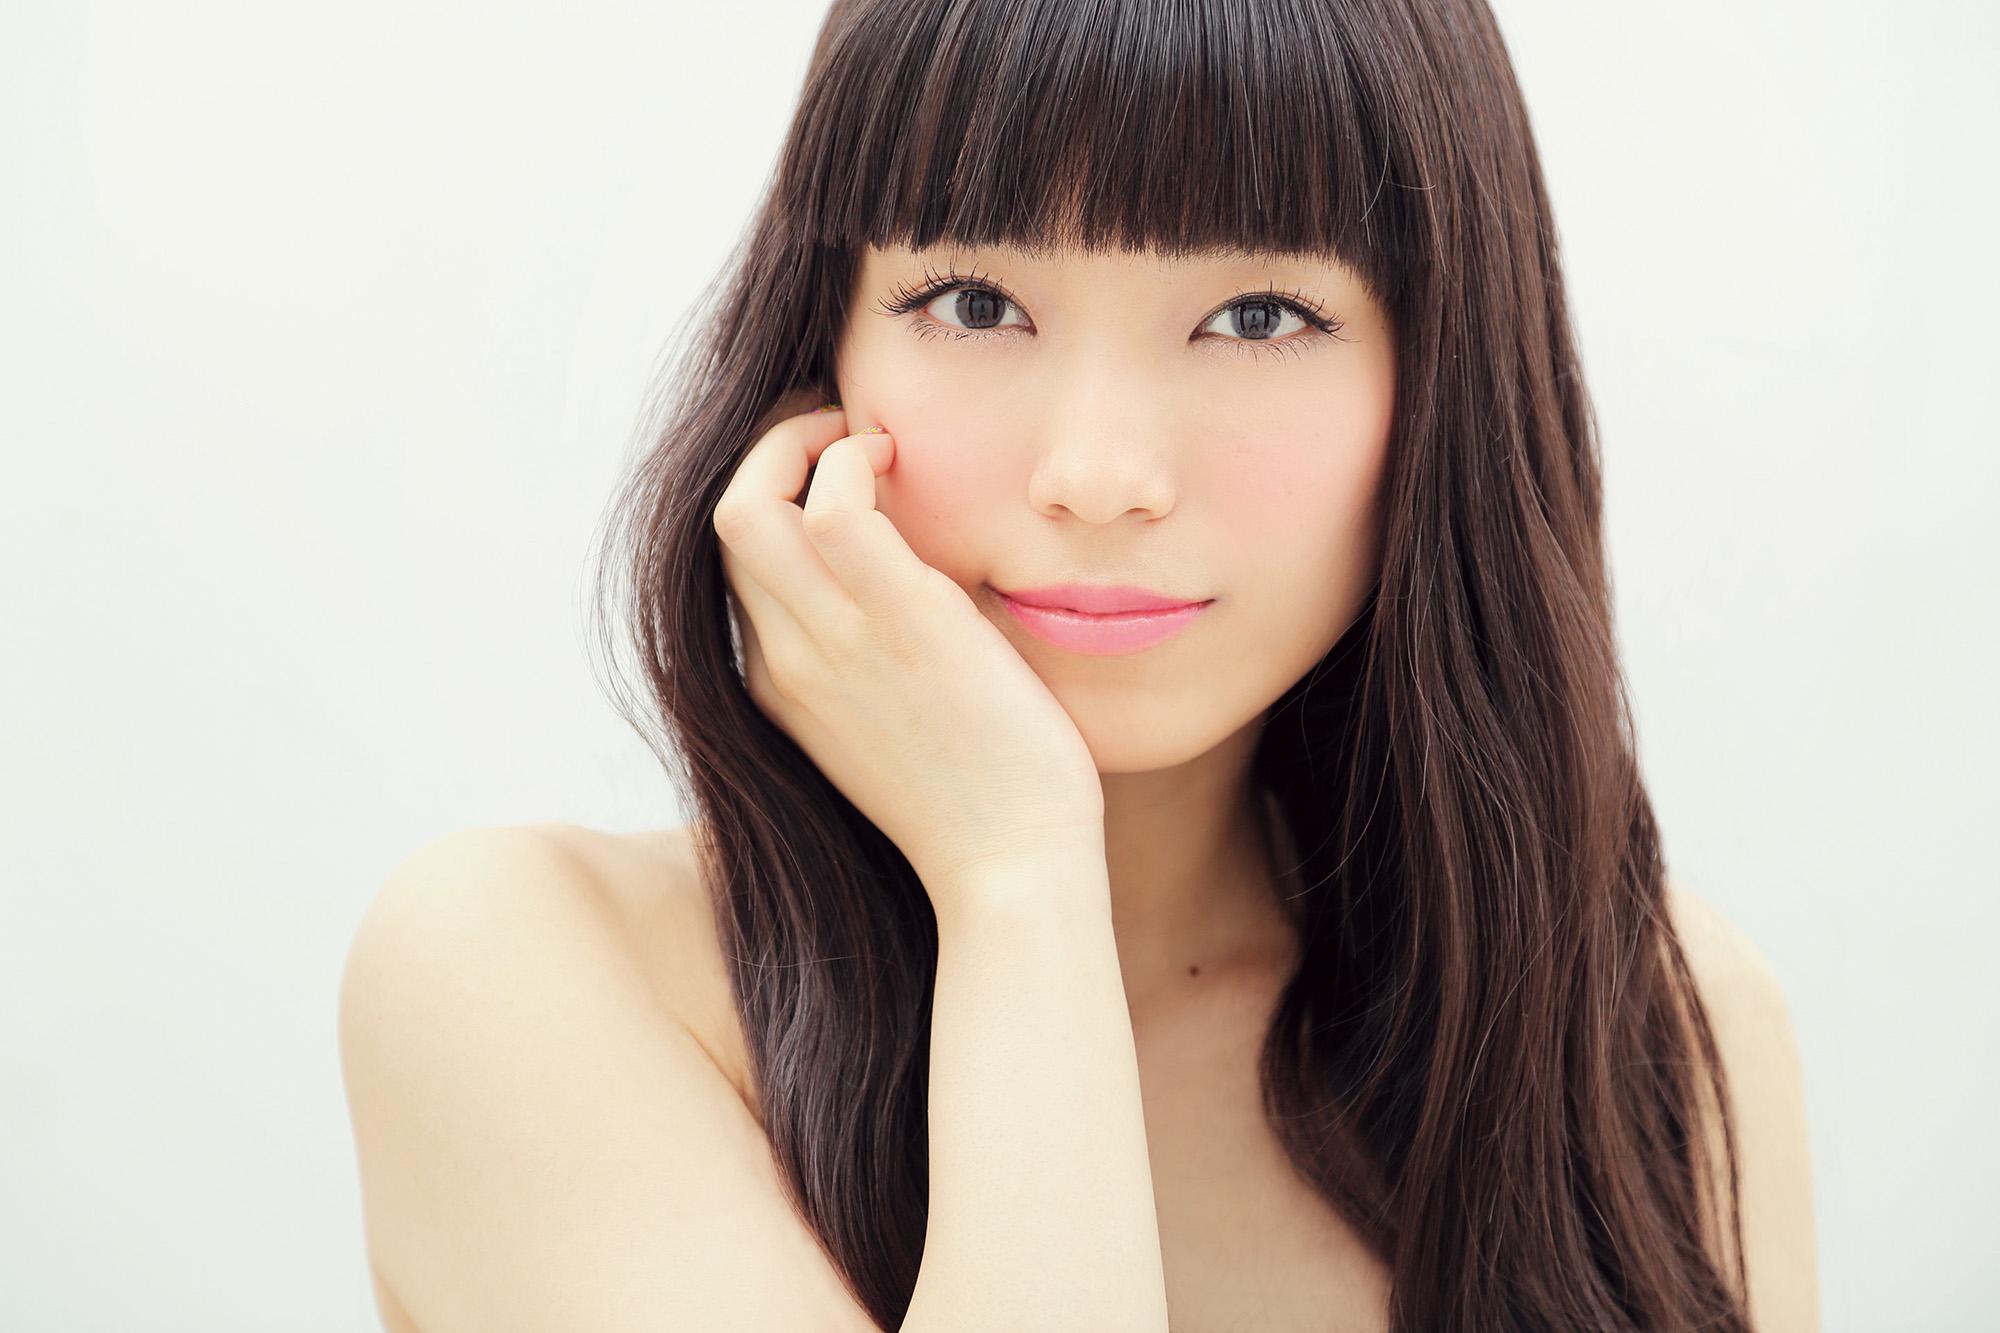 画像180枚 小さくて可愛い Miwaの可愛らしい高画質な画像 壁紙 写真まとめサイト Pictas